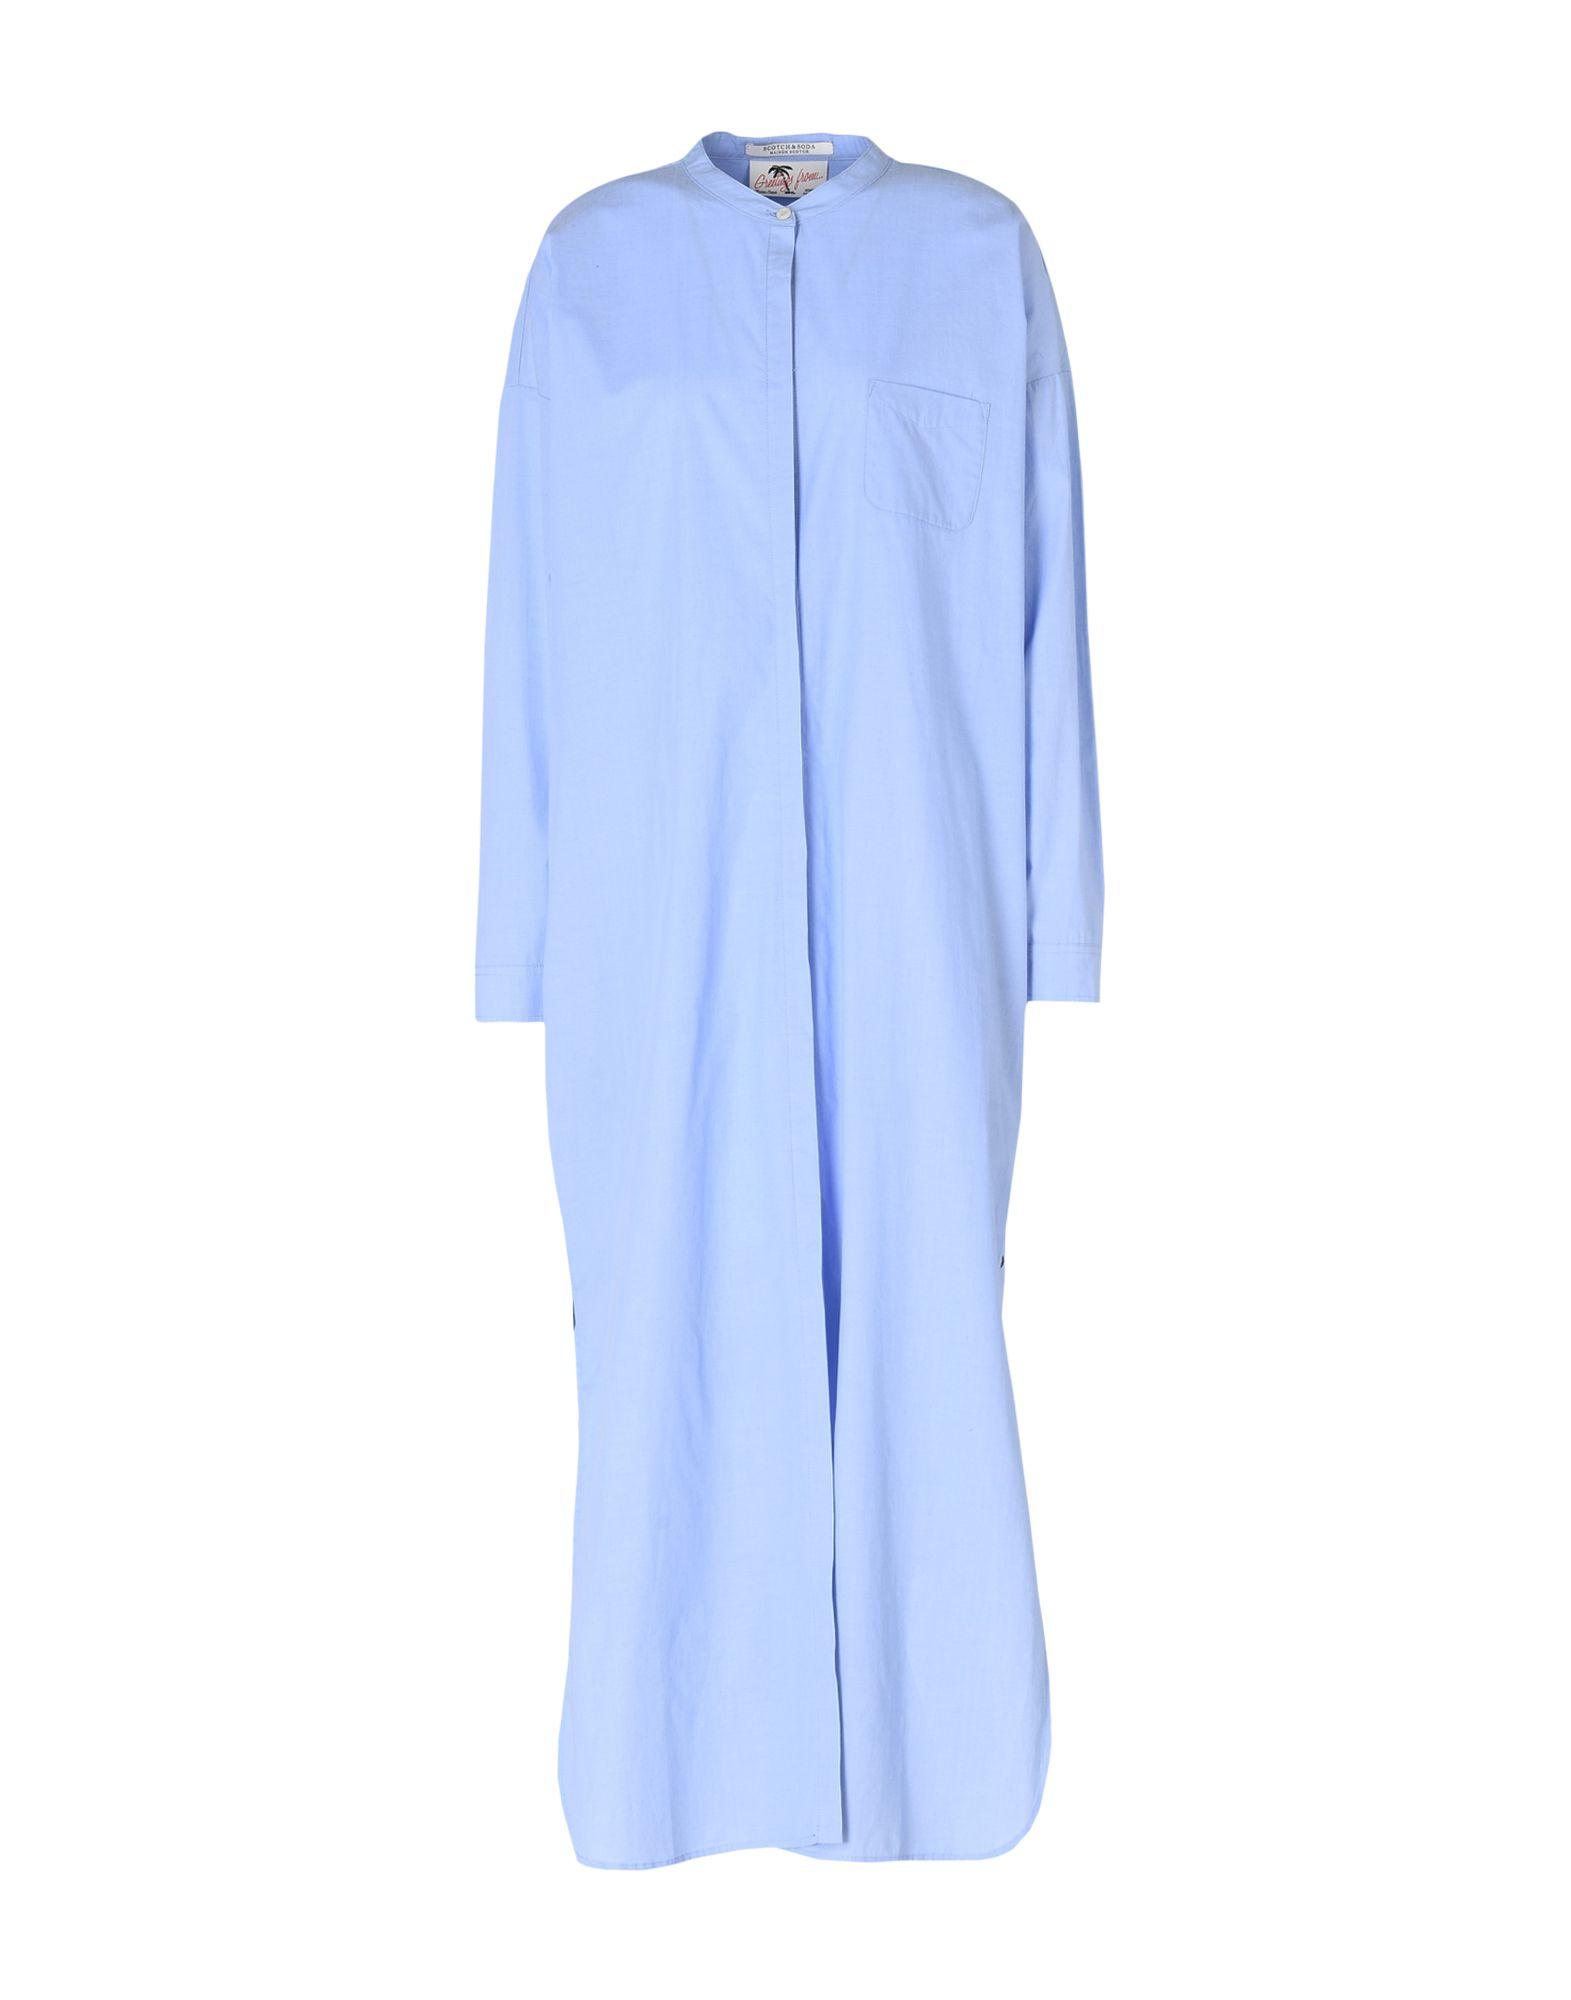 MAISON SCOTCH Длинное платье maison scotch рубашка maison scotch 133 1621 0120131137 03